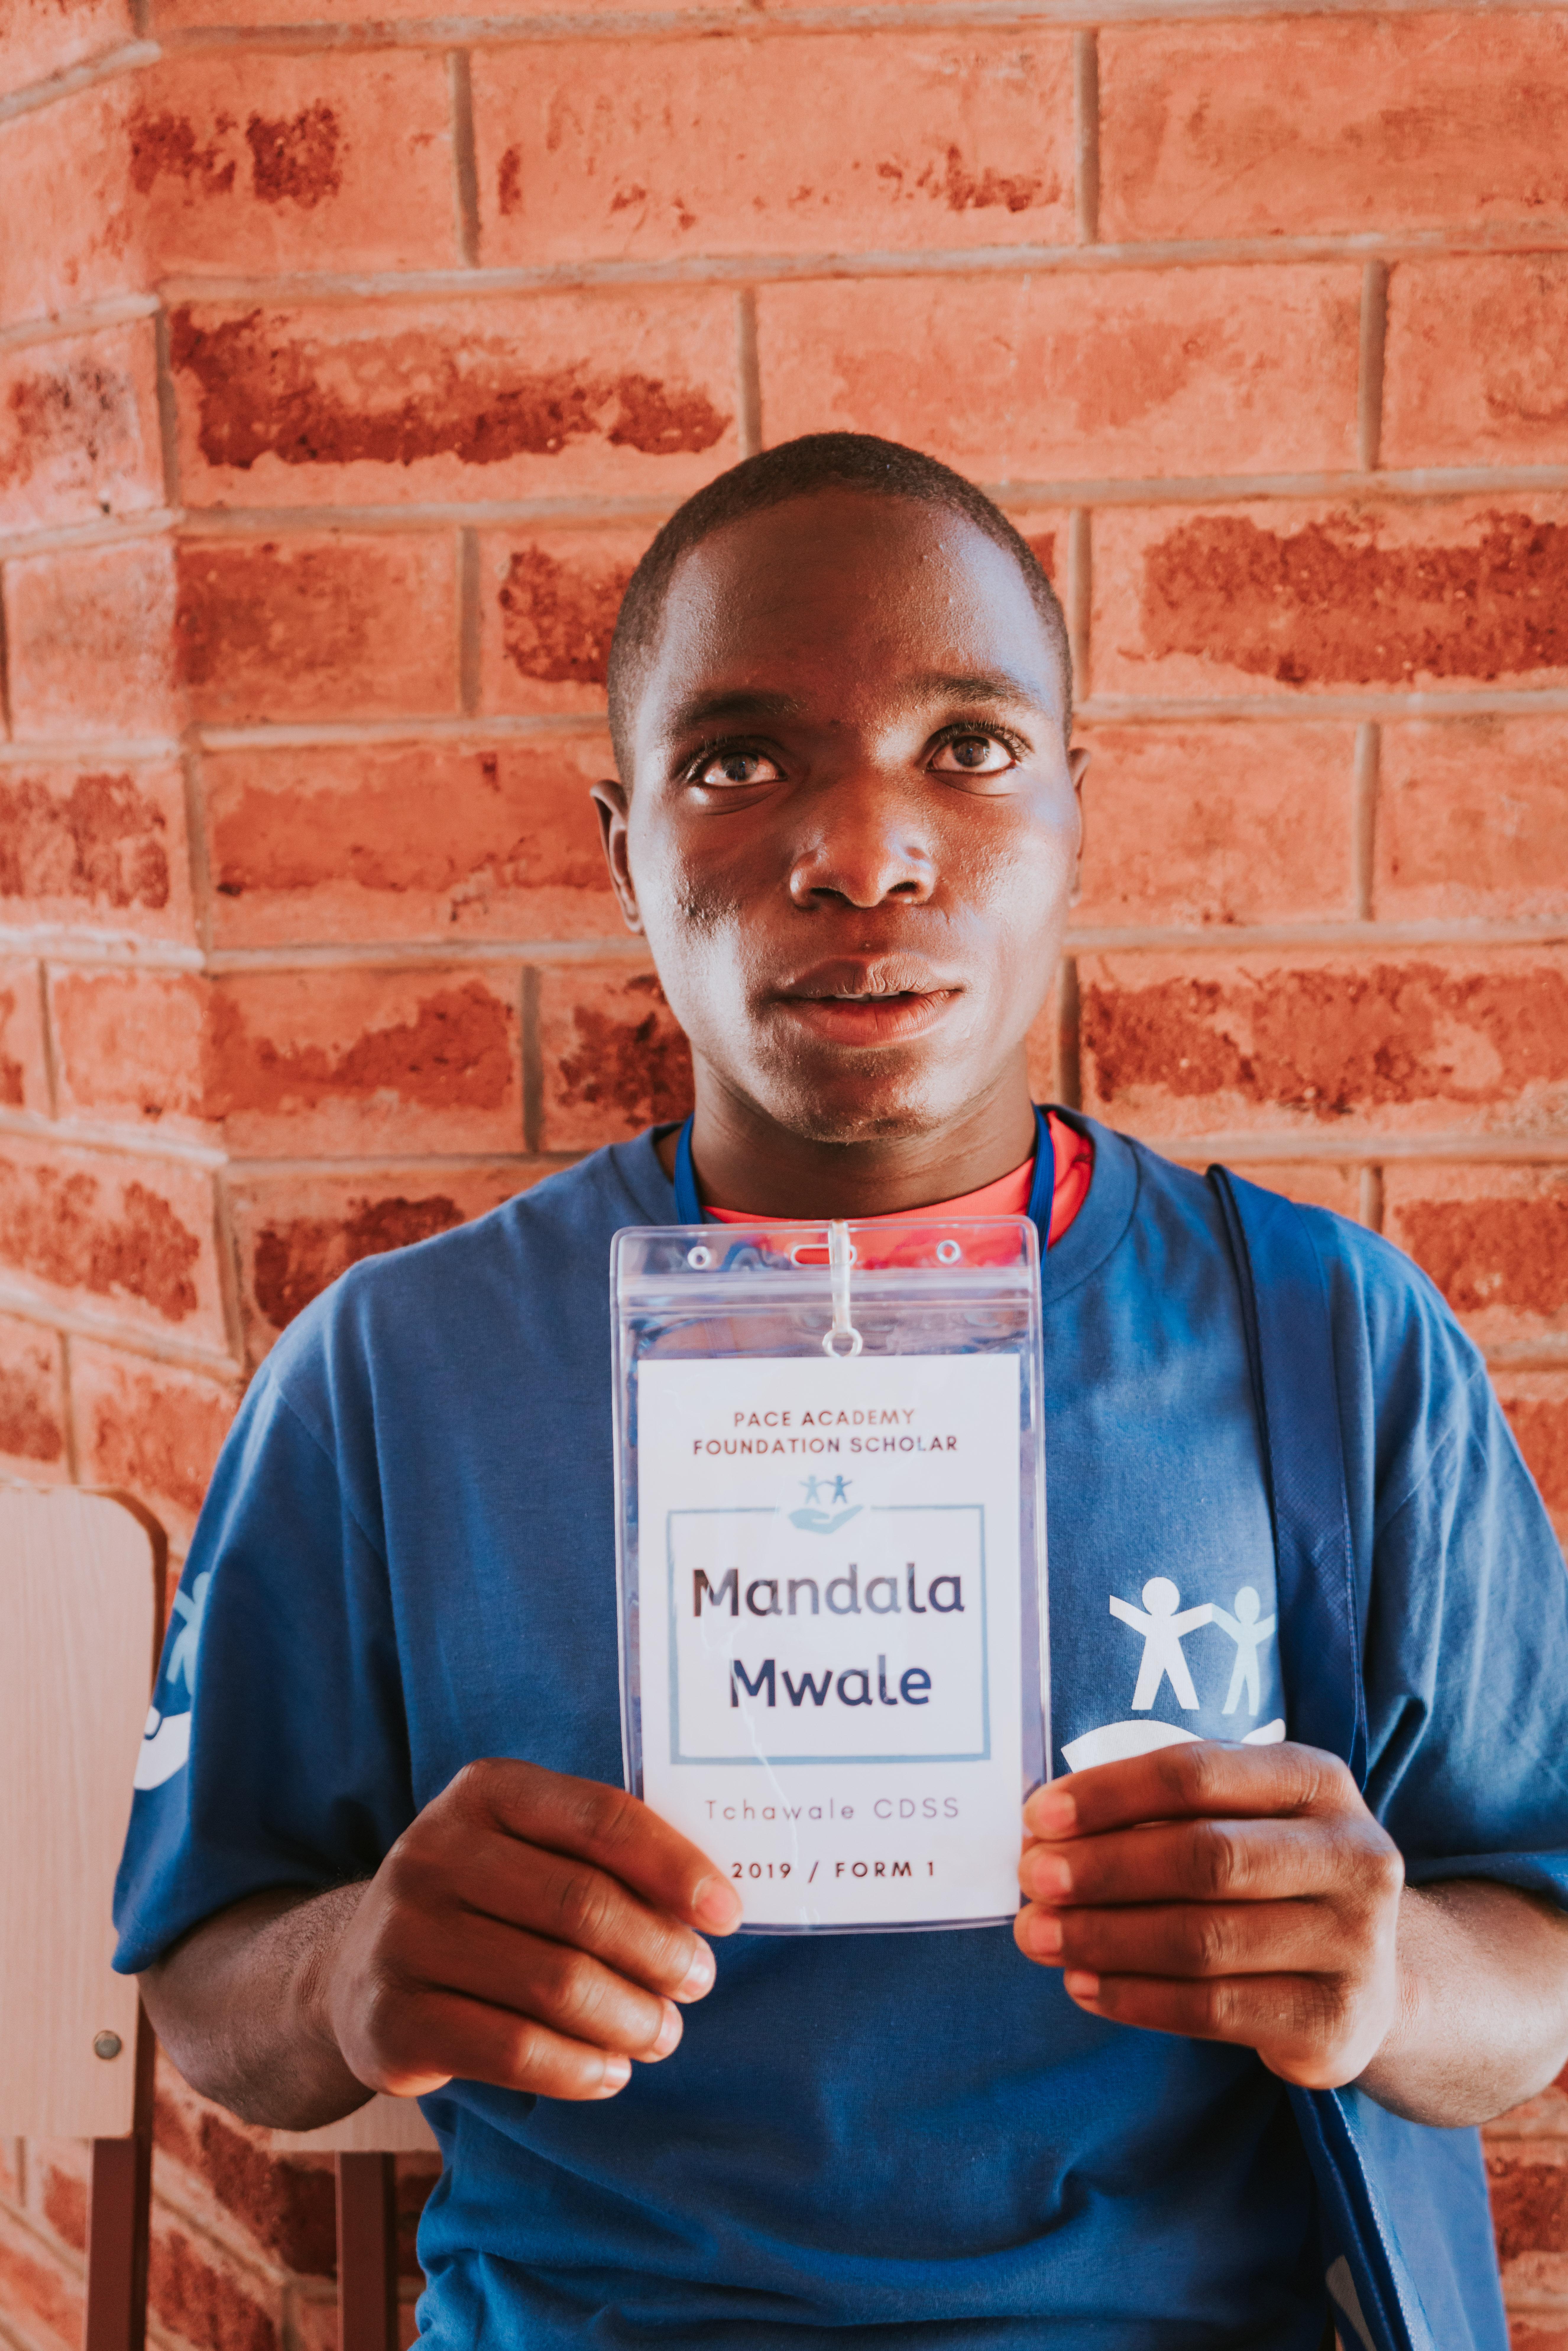 Mandala Mwale (Tchawale CDSS)